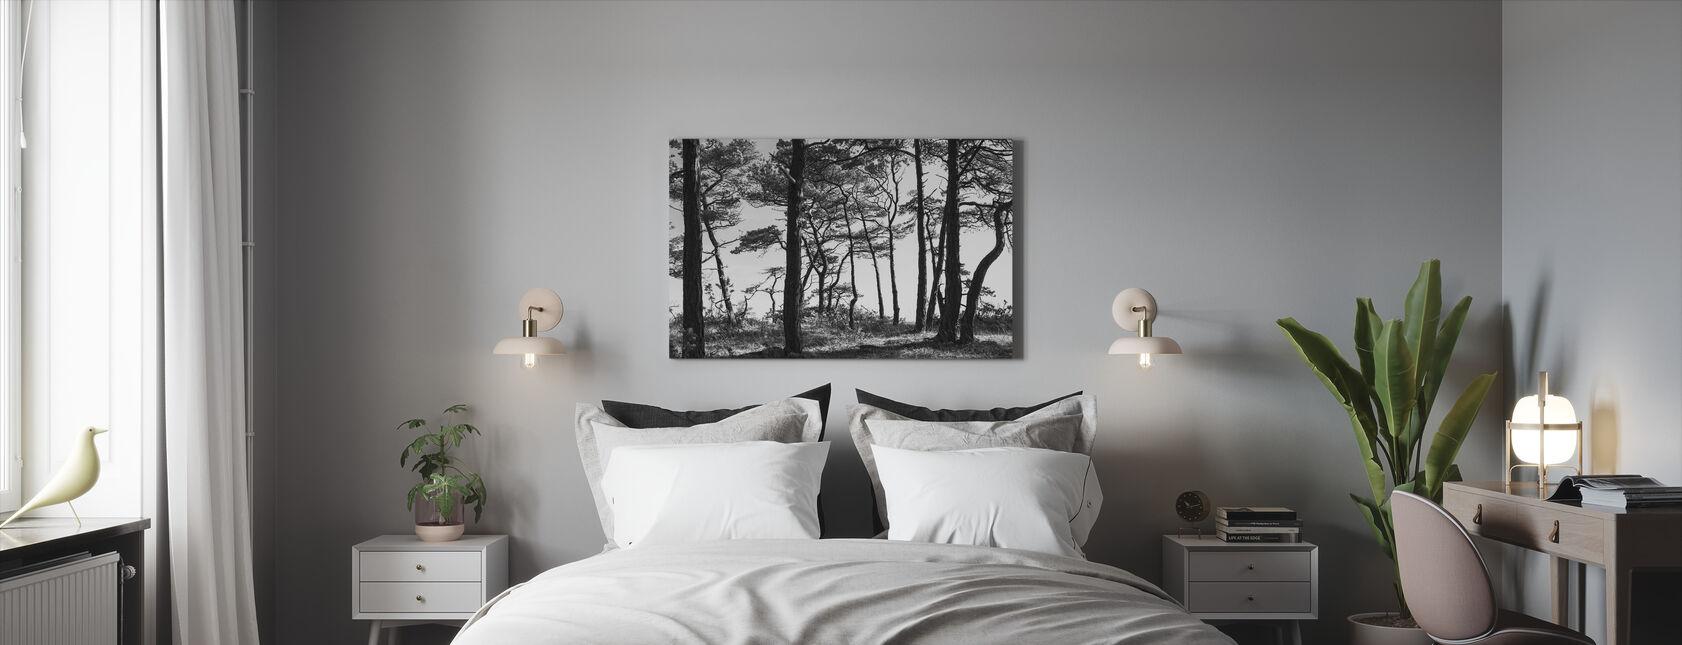 Zwarte dennenbos, zwart en wit - Canvas print - Slaapkamer